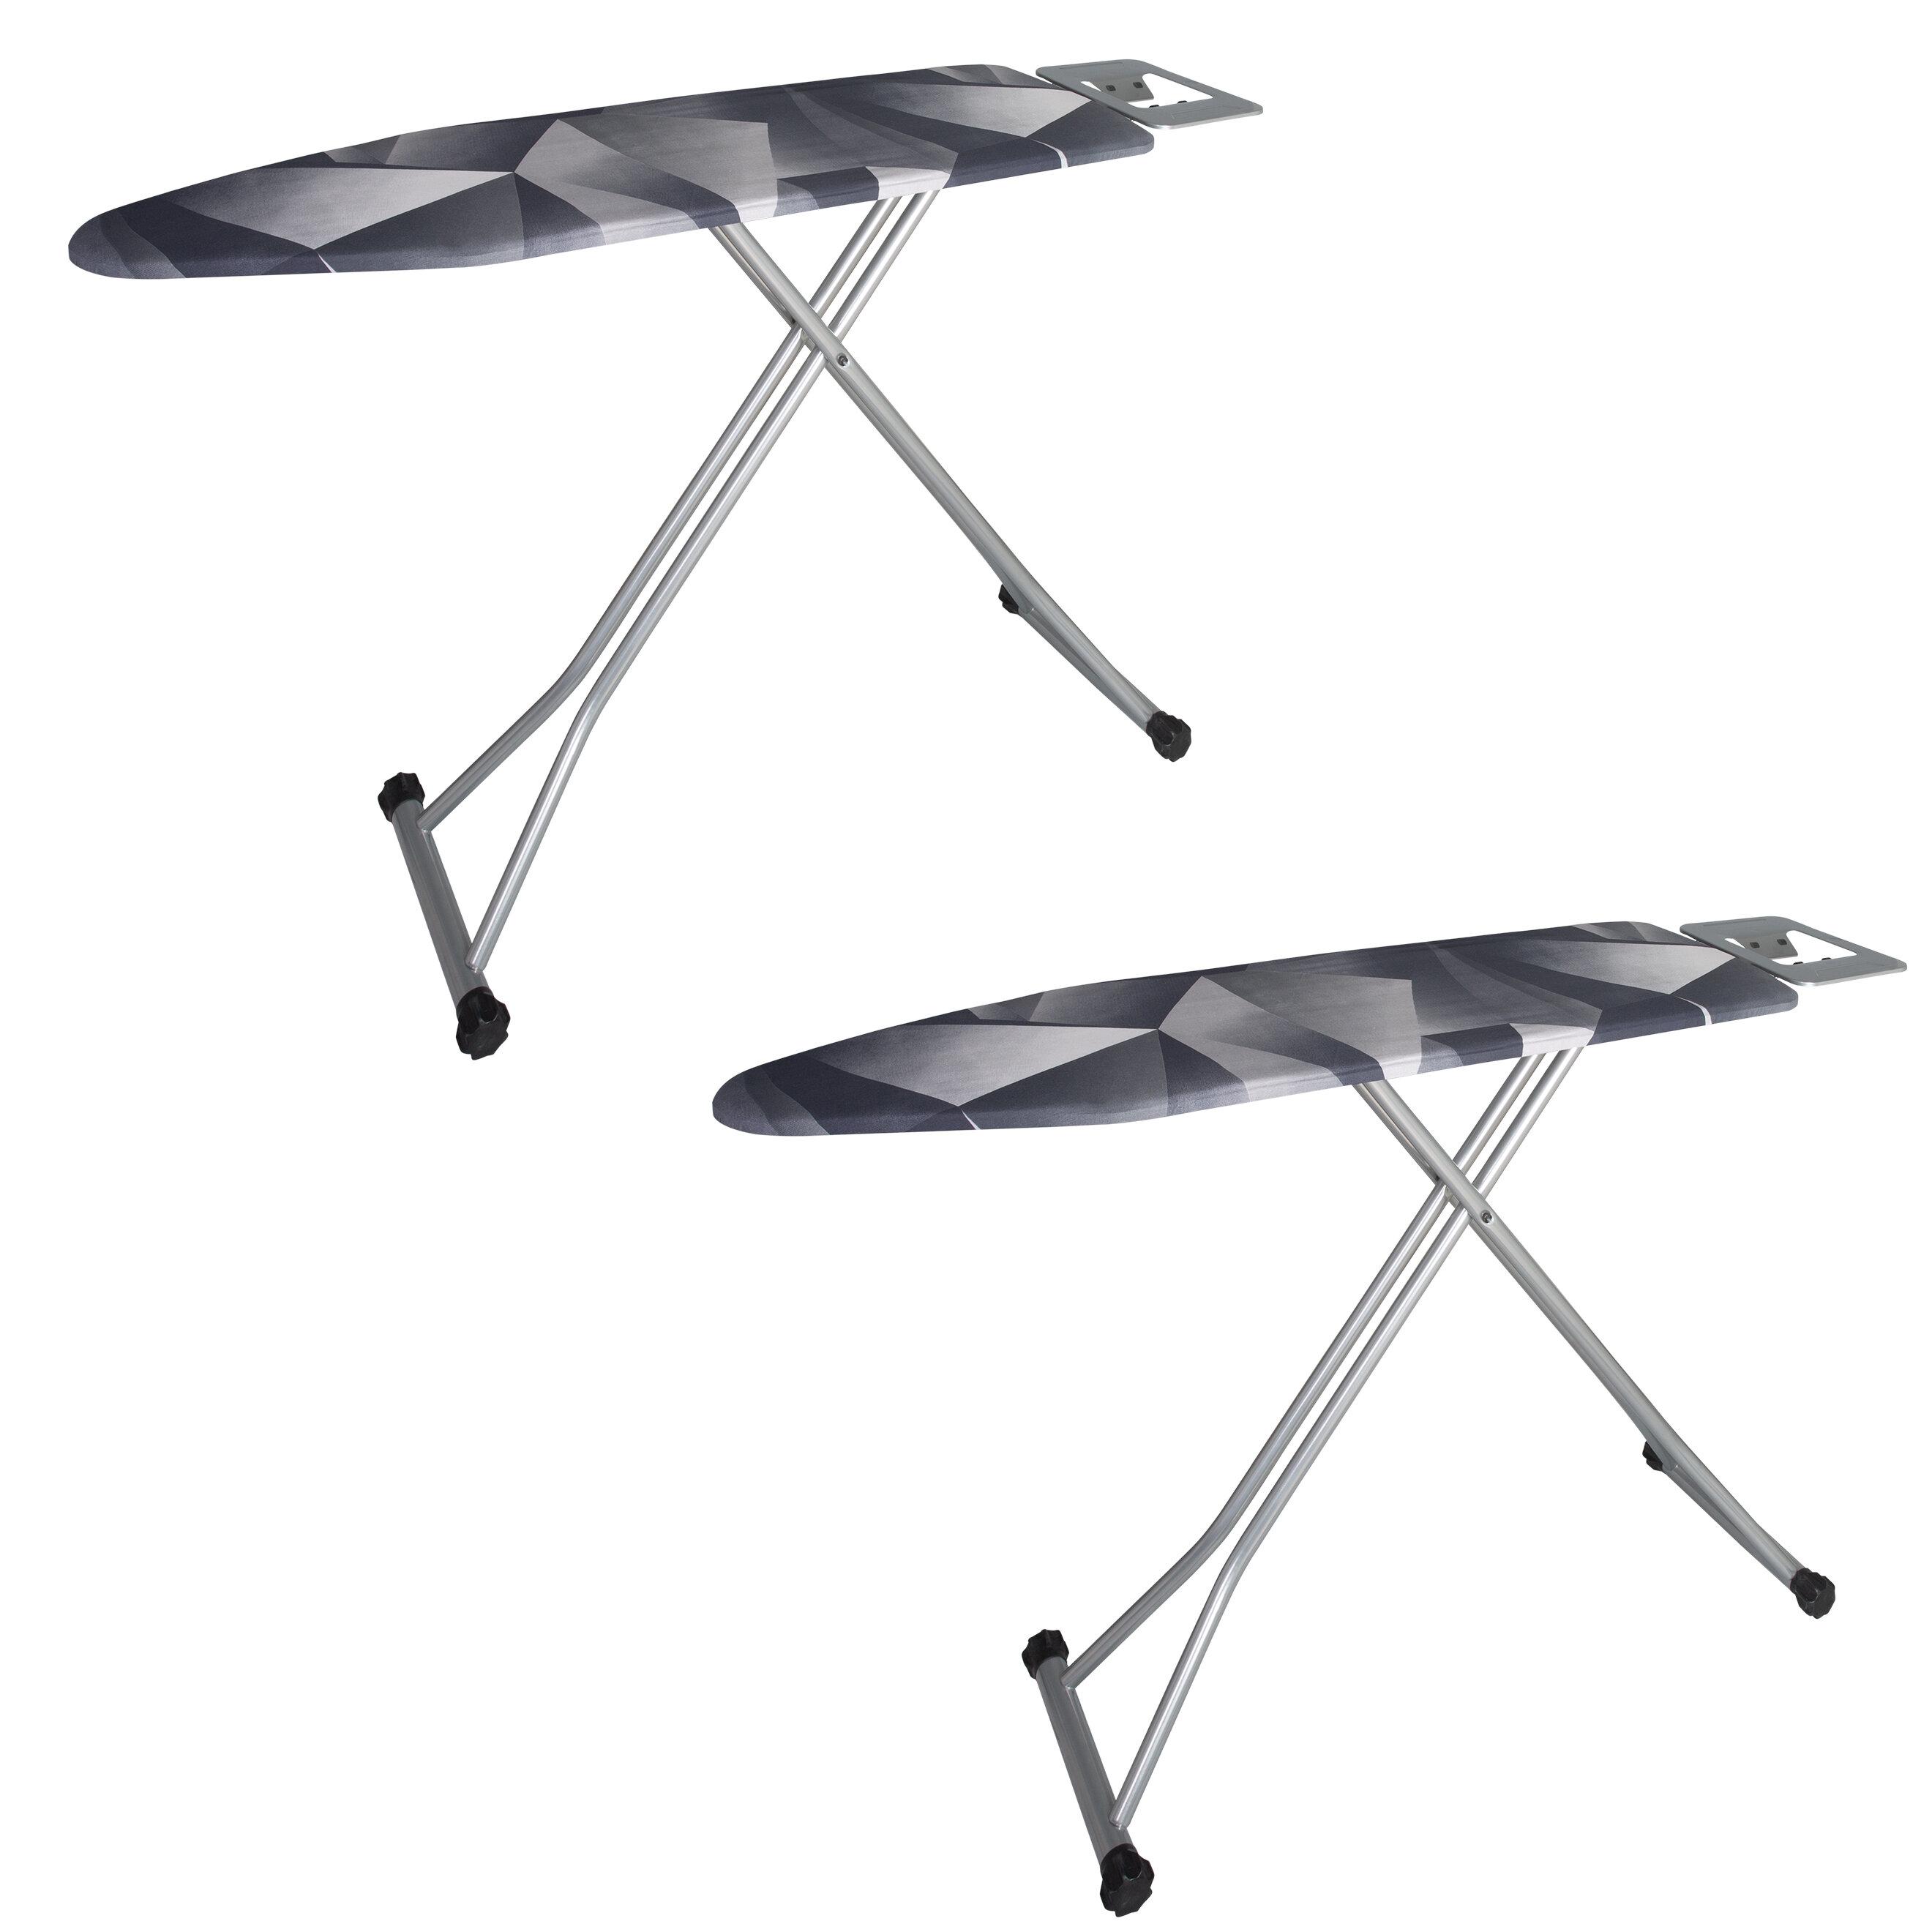 Woolite Collapsible Freestanding Ironing Board Wayfair